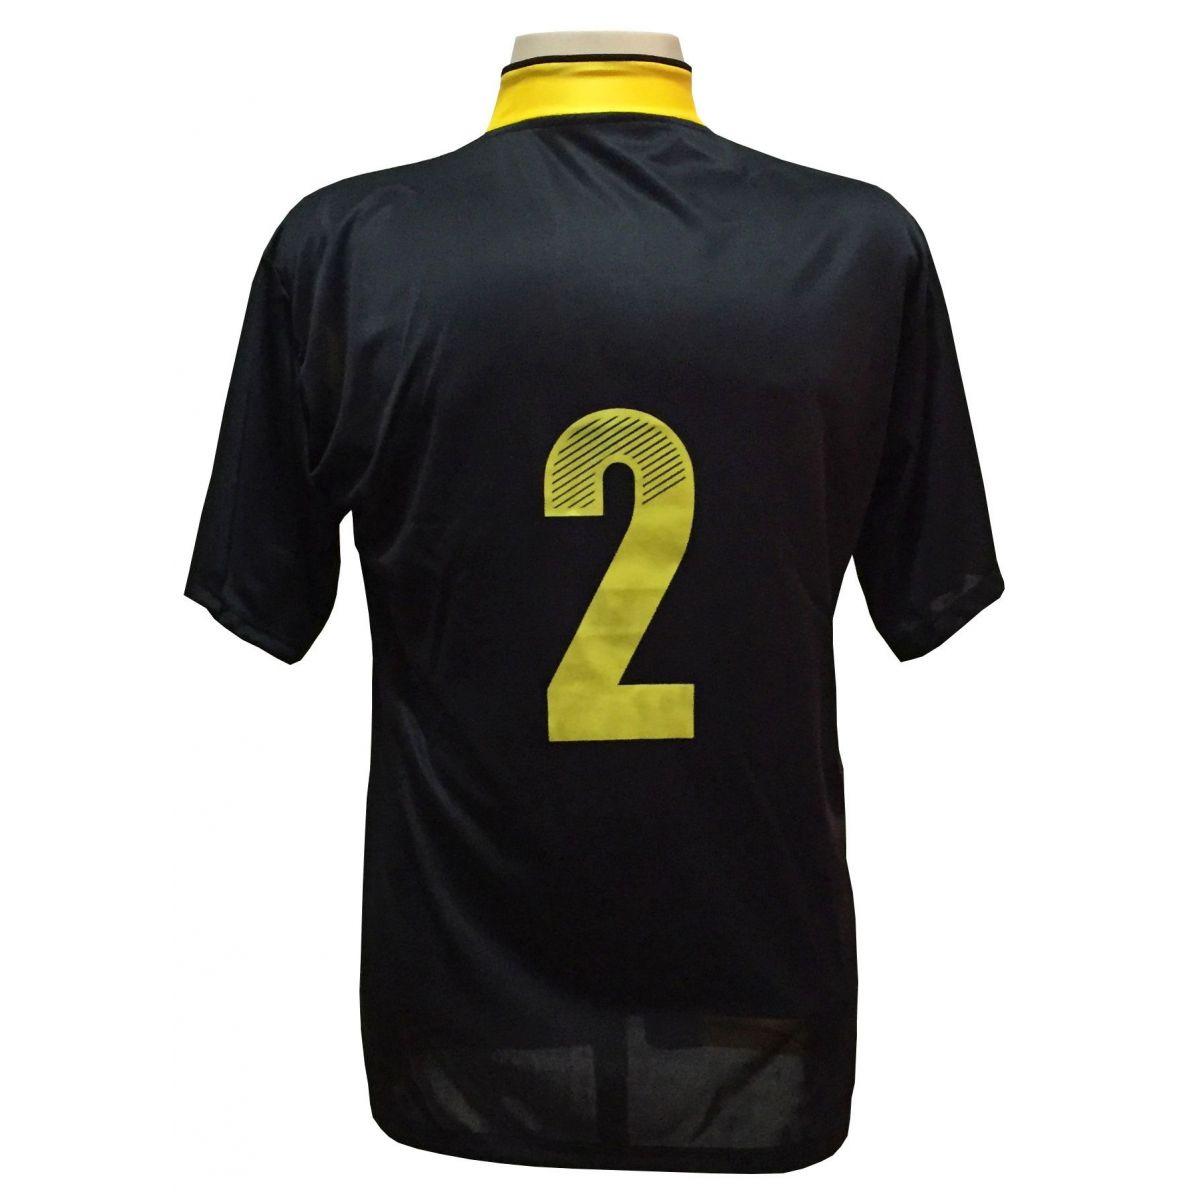 Uniforme Esportivo Completo modelo Suécia 14+1 (14 camisas Preto/Amarelo + 14 calções modelo Copa Preto/Amarelo + 14 pares de meiões Pretos + 1 conjunto de goleiro) + Brindes